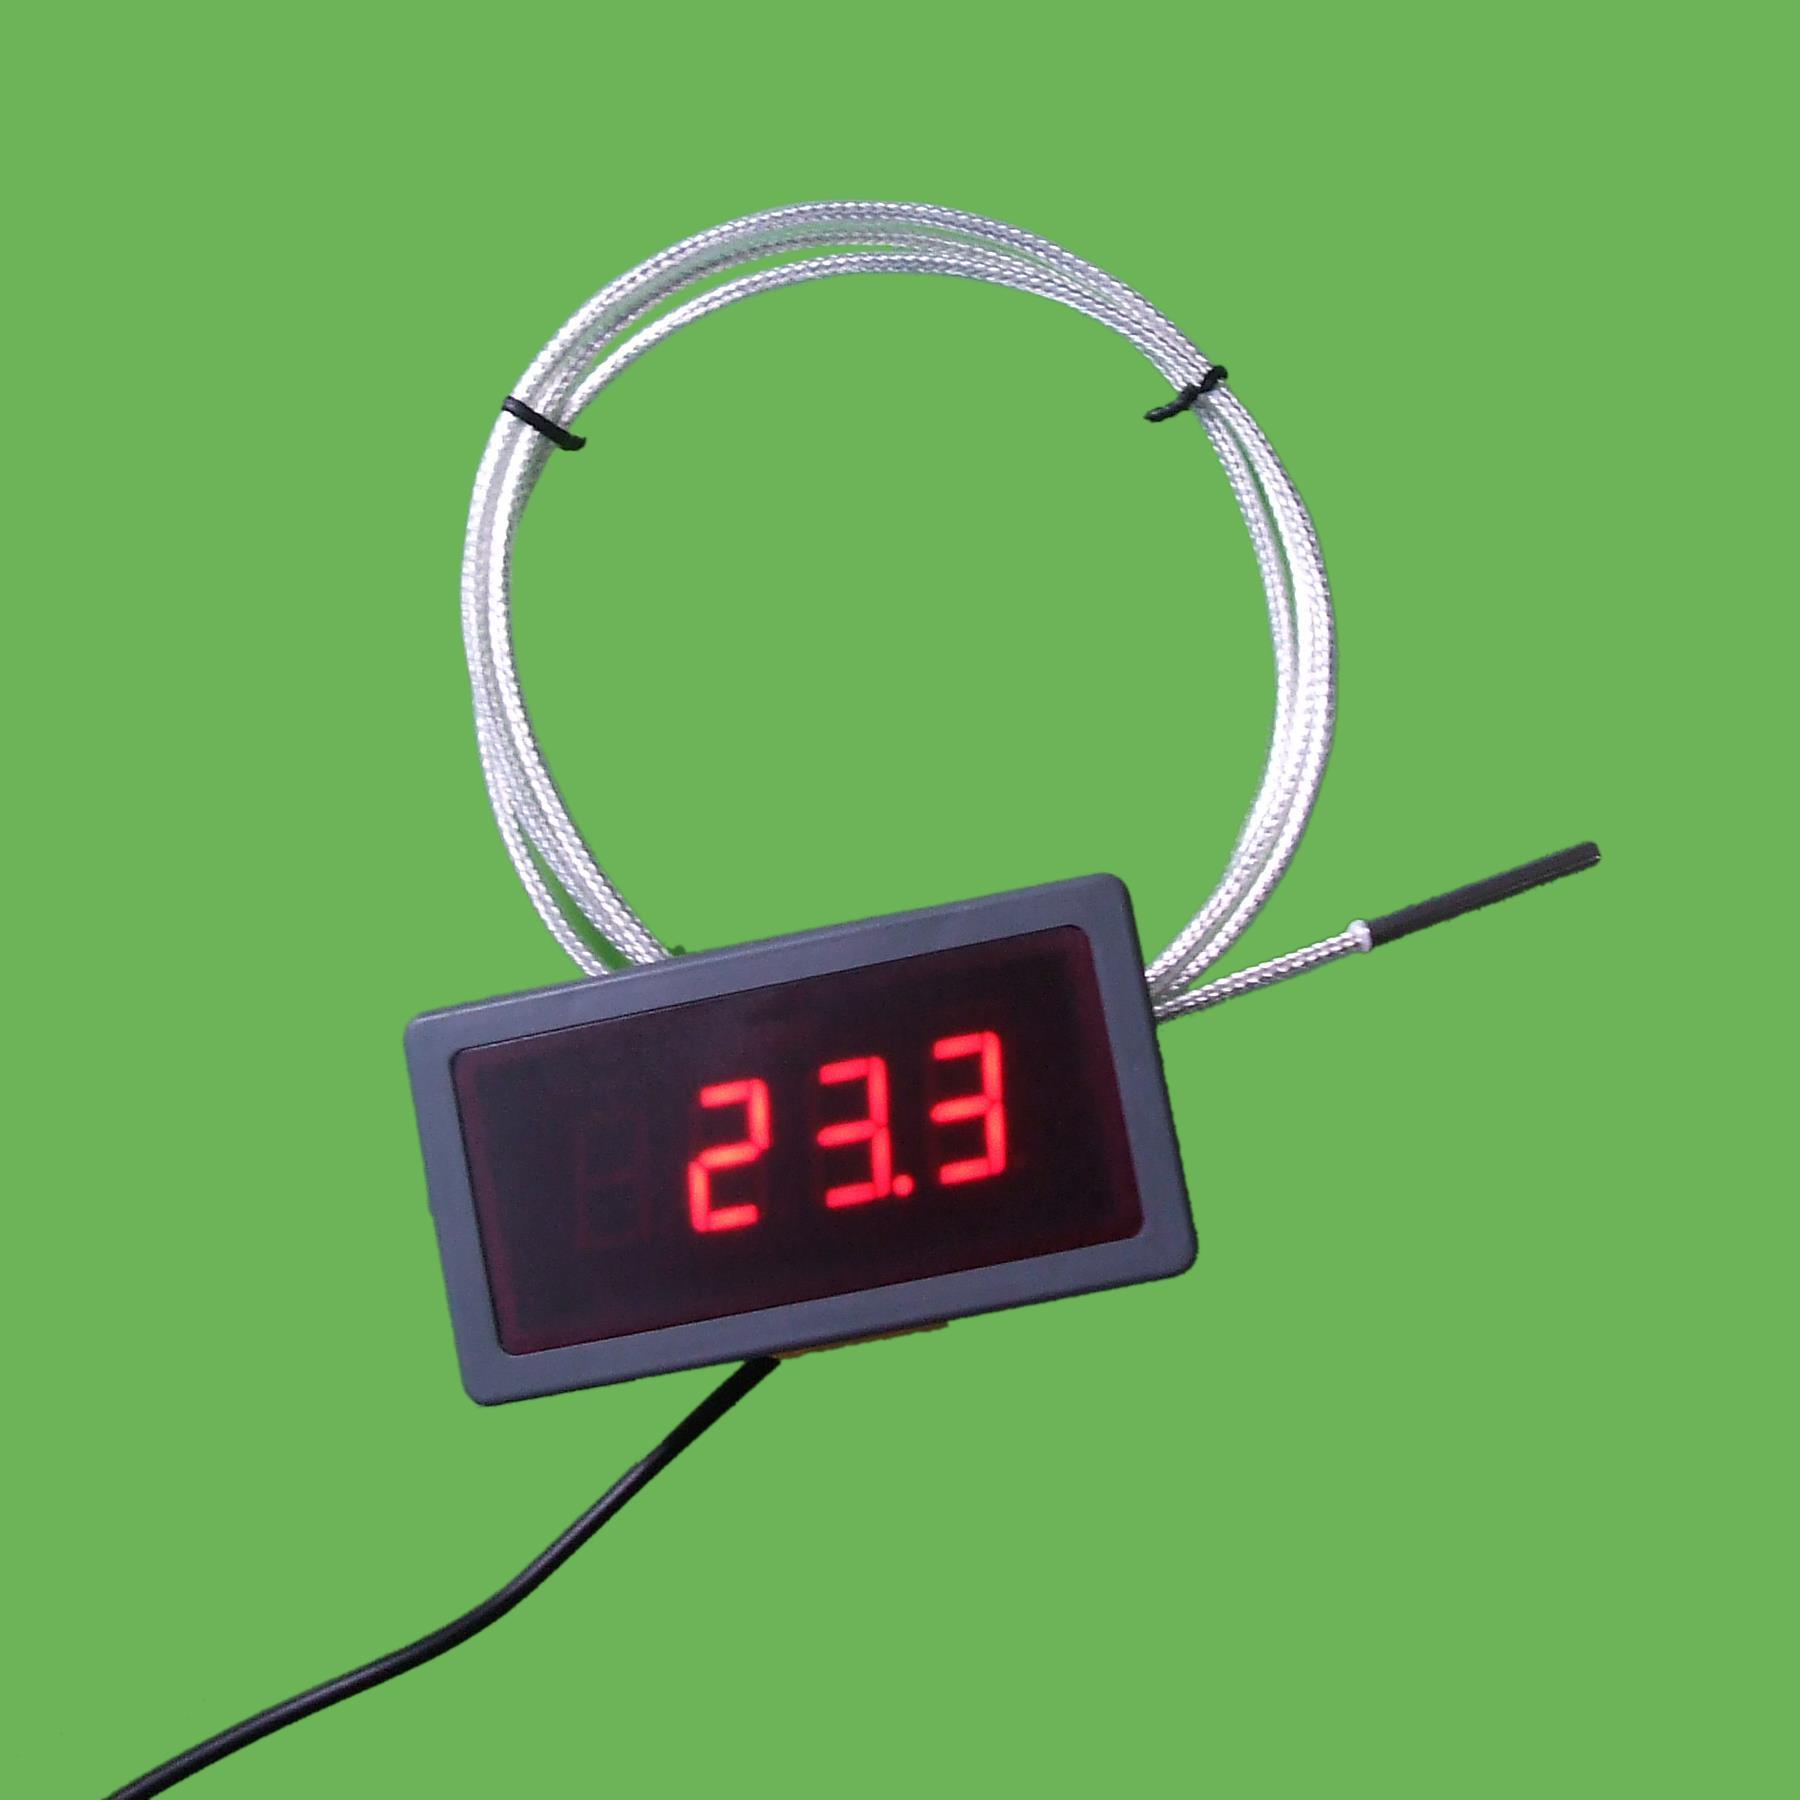 热电偶显示表